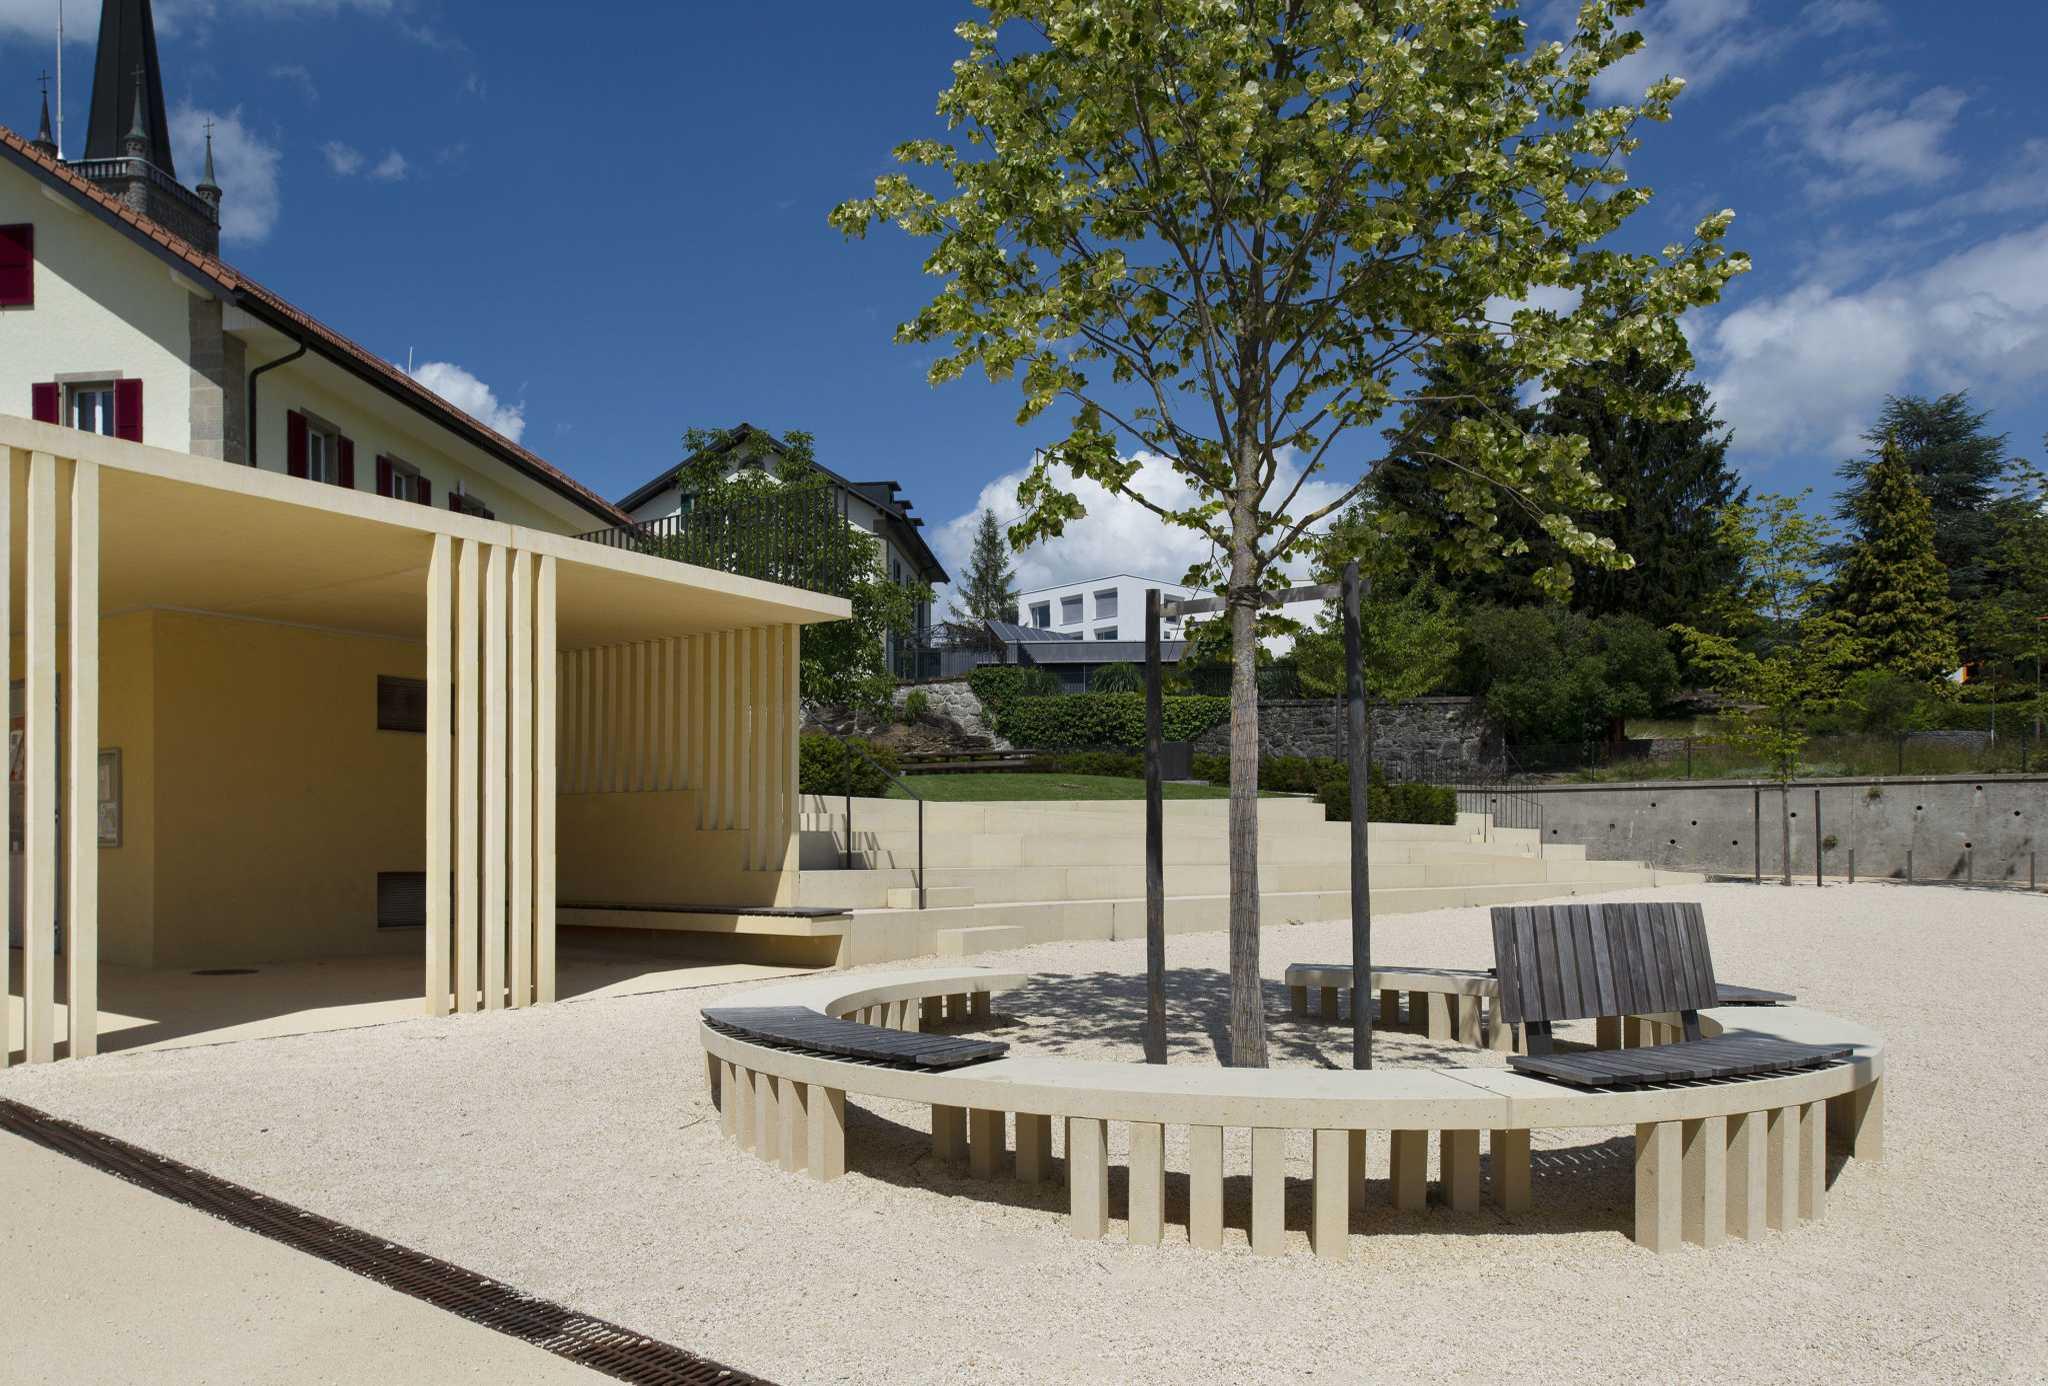 Espace public au centre du village d'Attalensfarra zoumboulakis & associés architectes urbanistes